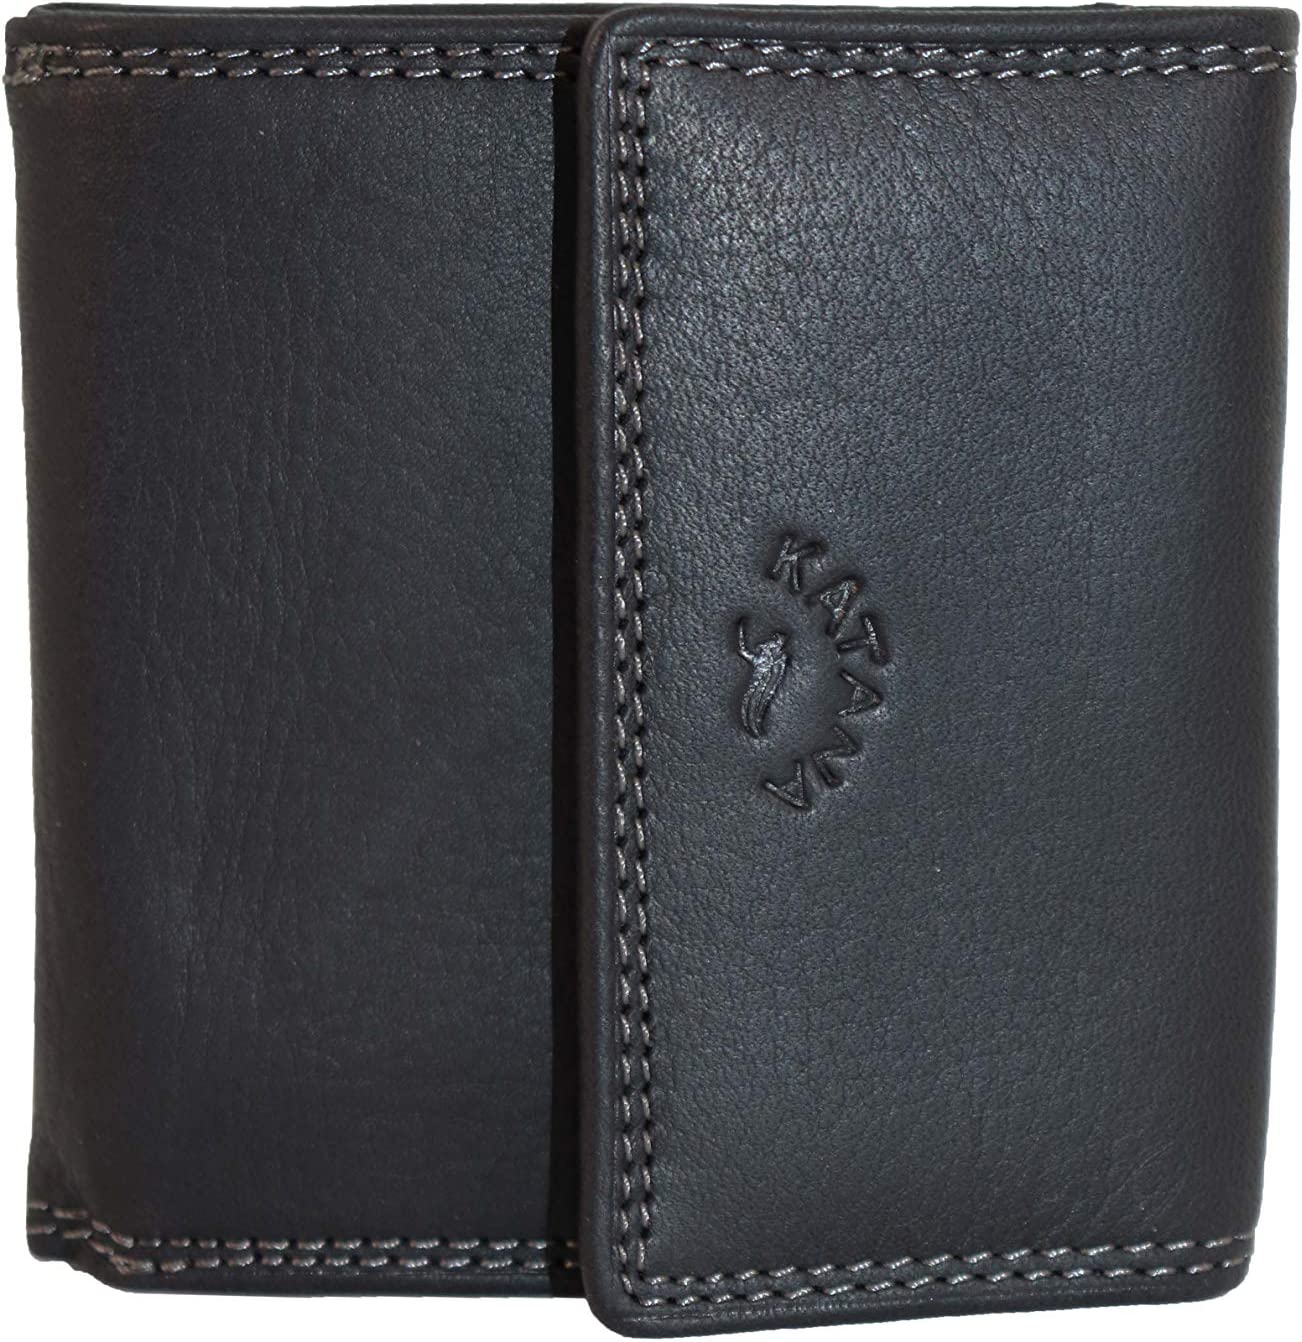 3 Couleurs Disponible KATANA Porte Monnaie Double Face en Cuir r/éf 753032 Choco